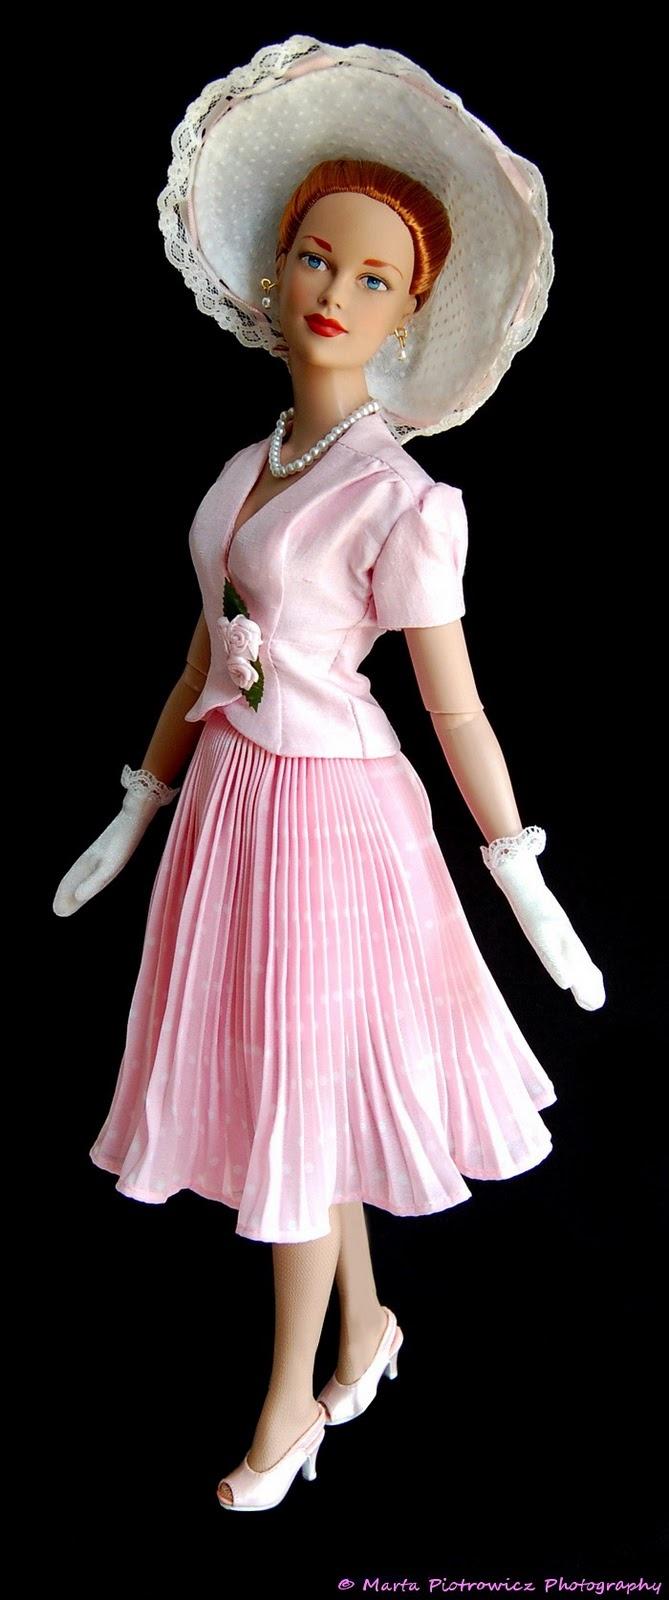 The Doll Whisperer: Society Starr Brenda OF [2005/LE300] modelled by Basically Brenda